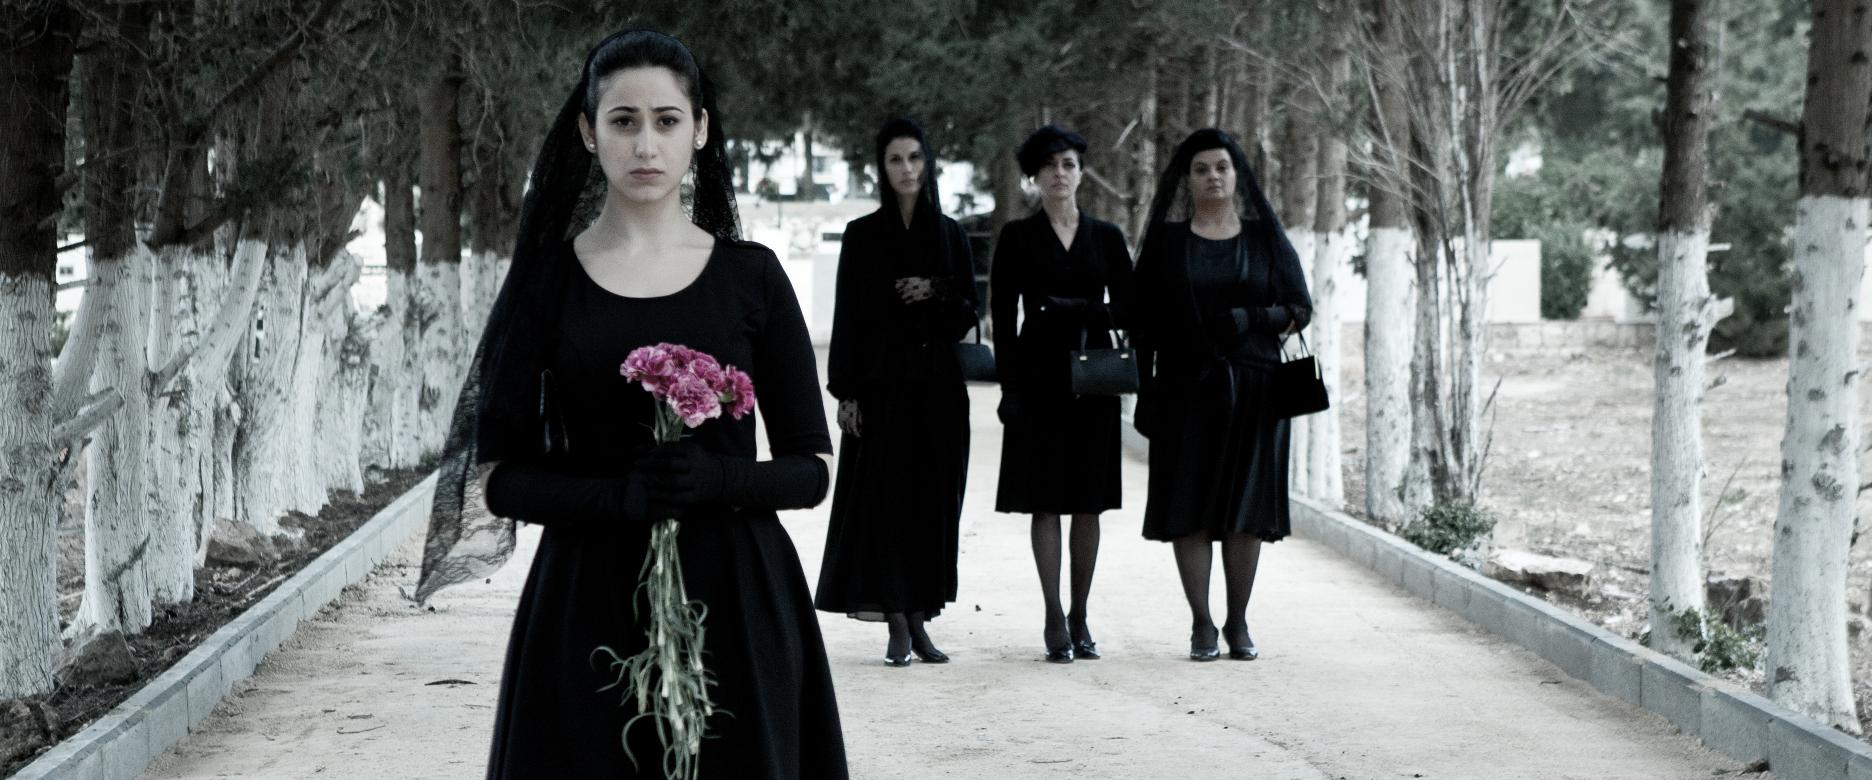 Villa Touma: le quattro protagoniste in una scena del film di Suha Arraf